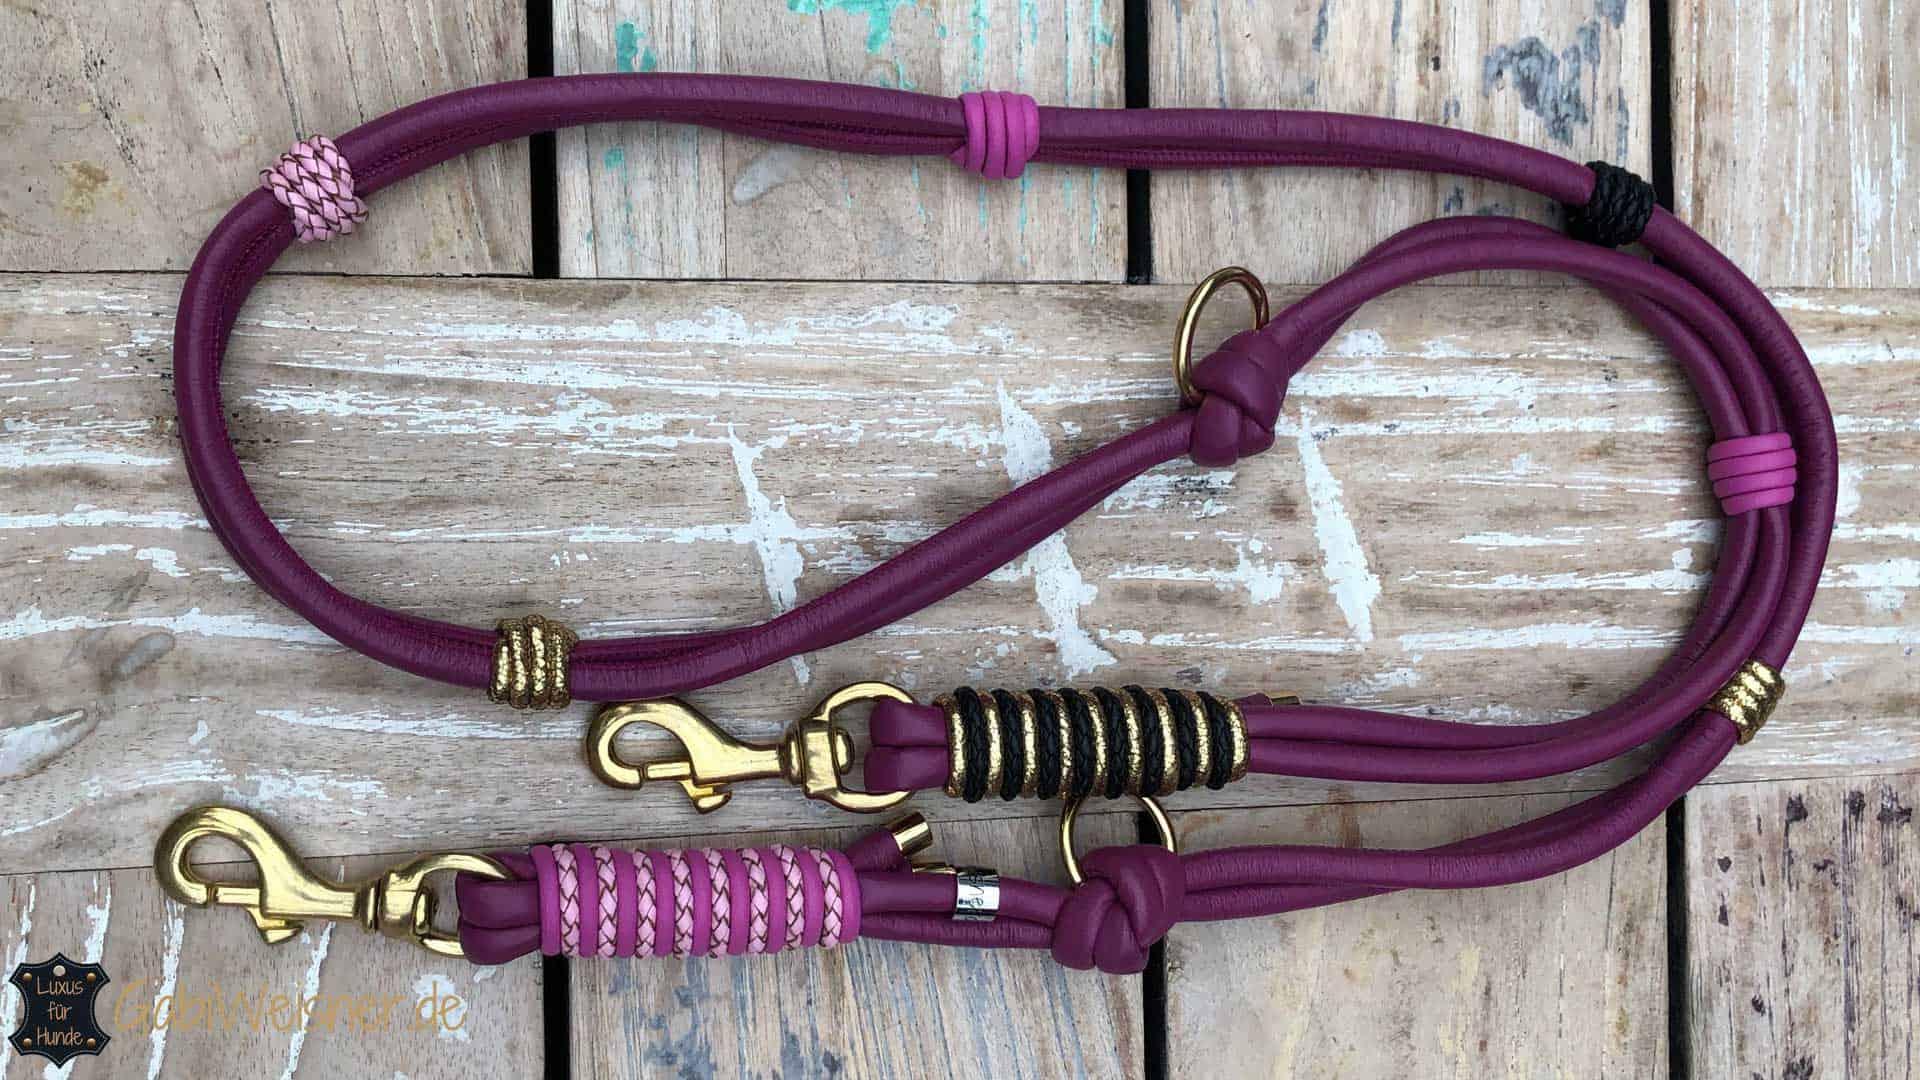 HundeLeine Leder in Beere, Rosa, Pink, Schwarz und Gold